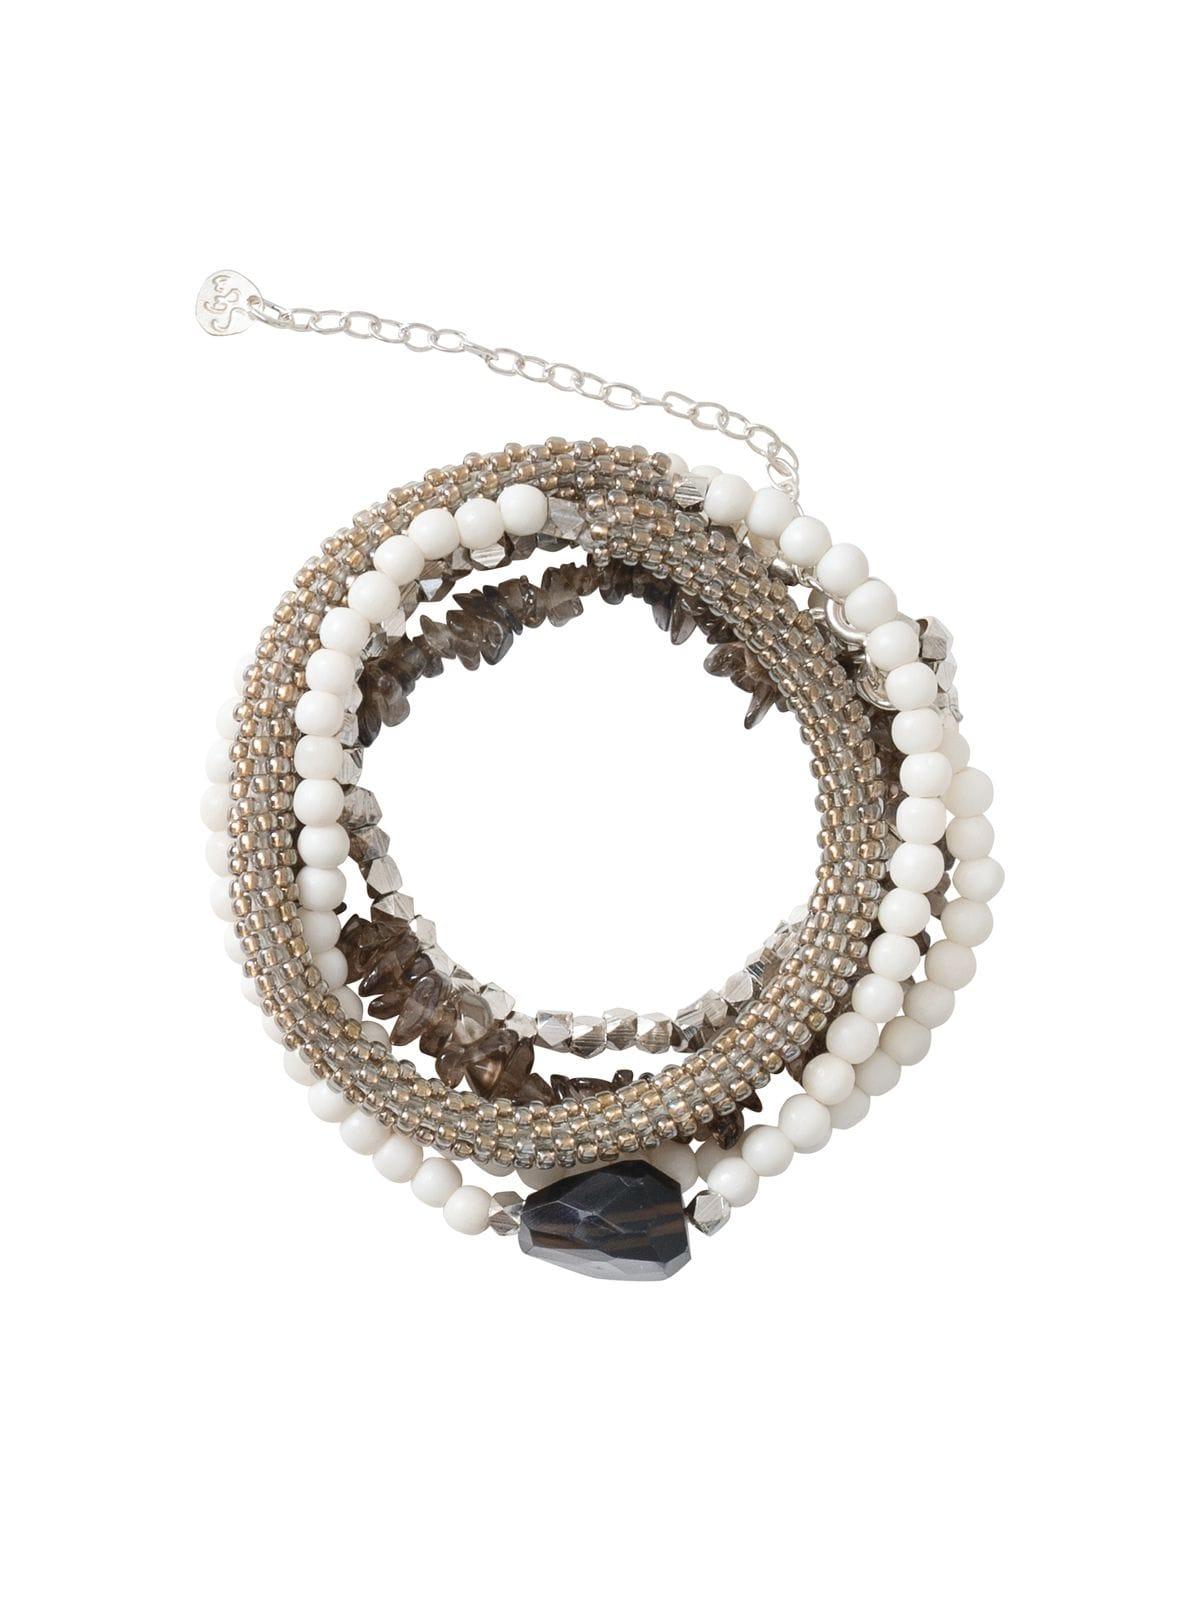 BL25249 - Superwrap Smokey Quartz Silver bracelet_1200x1600